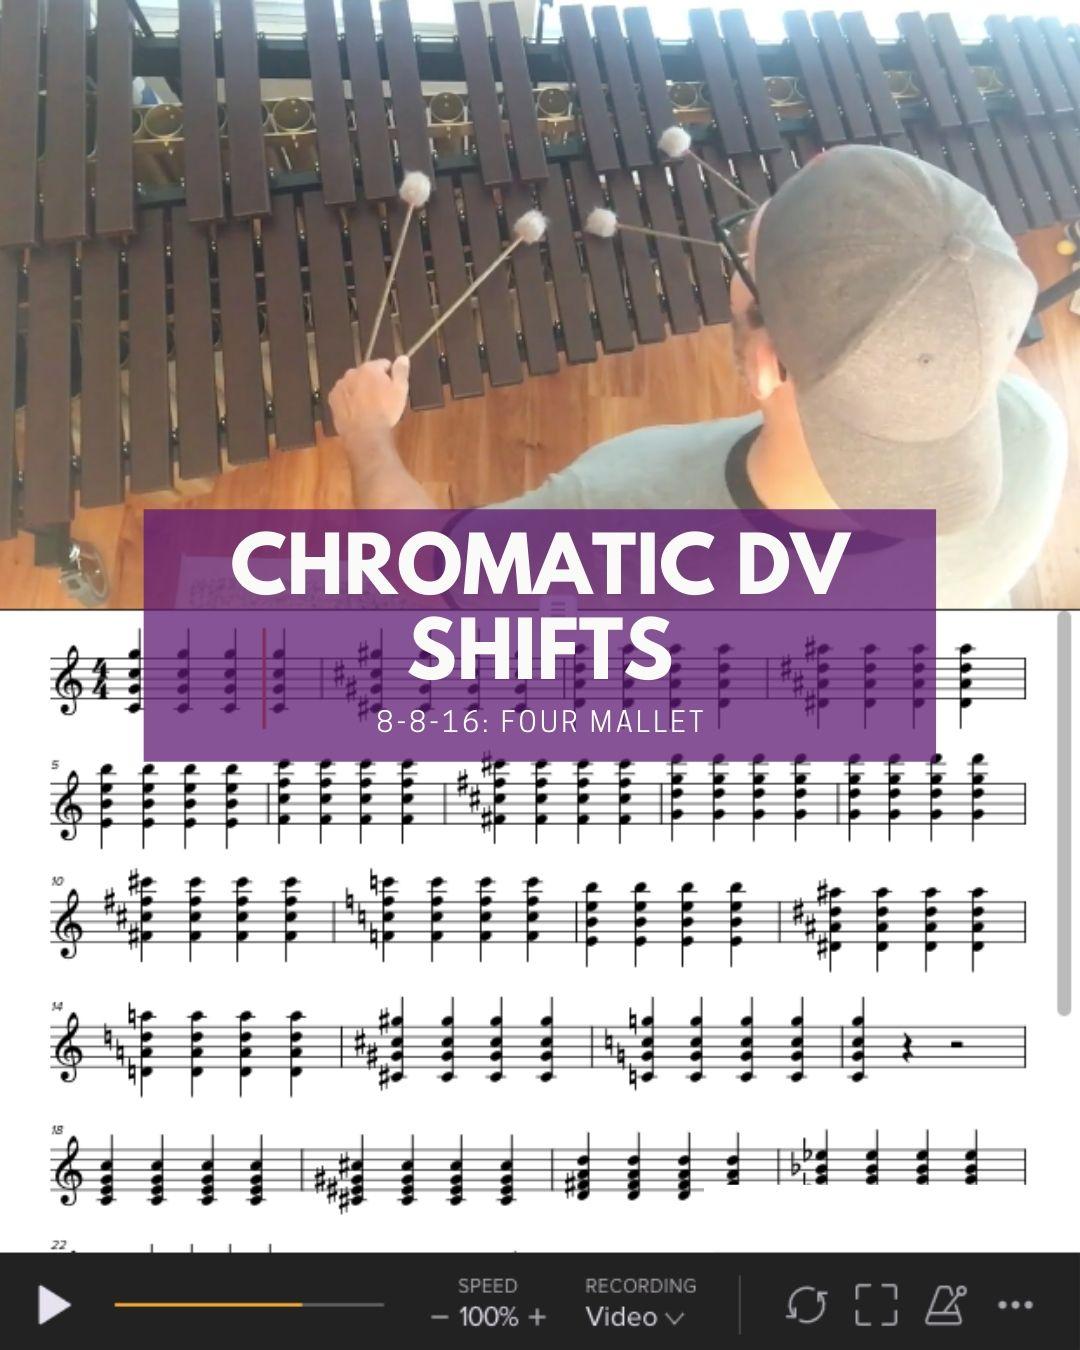 Chromatic DV Chords